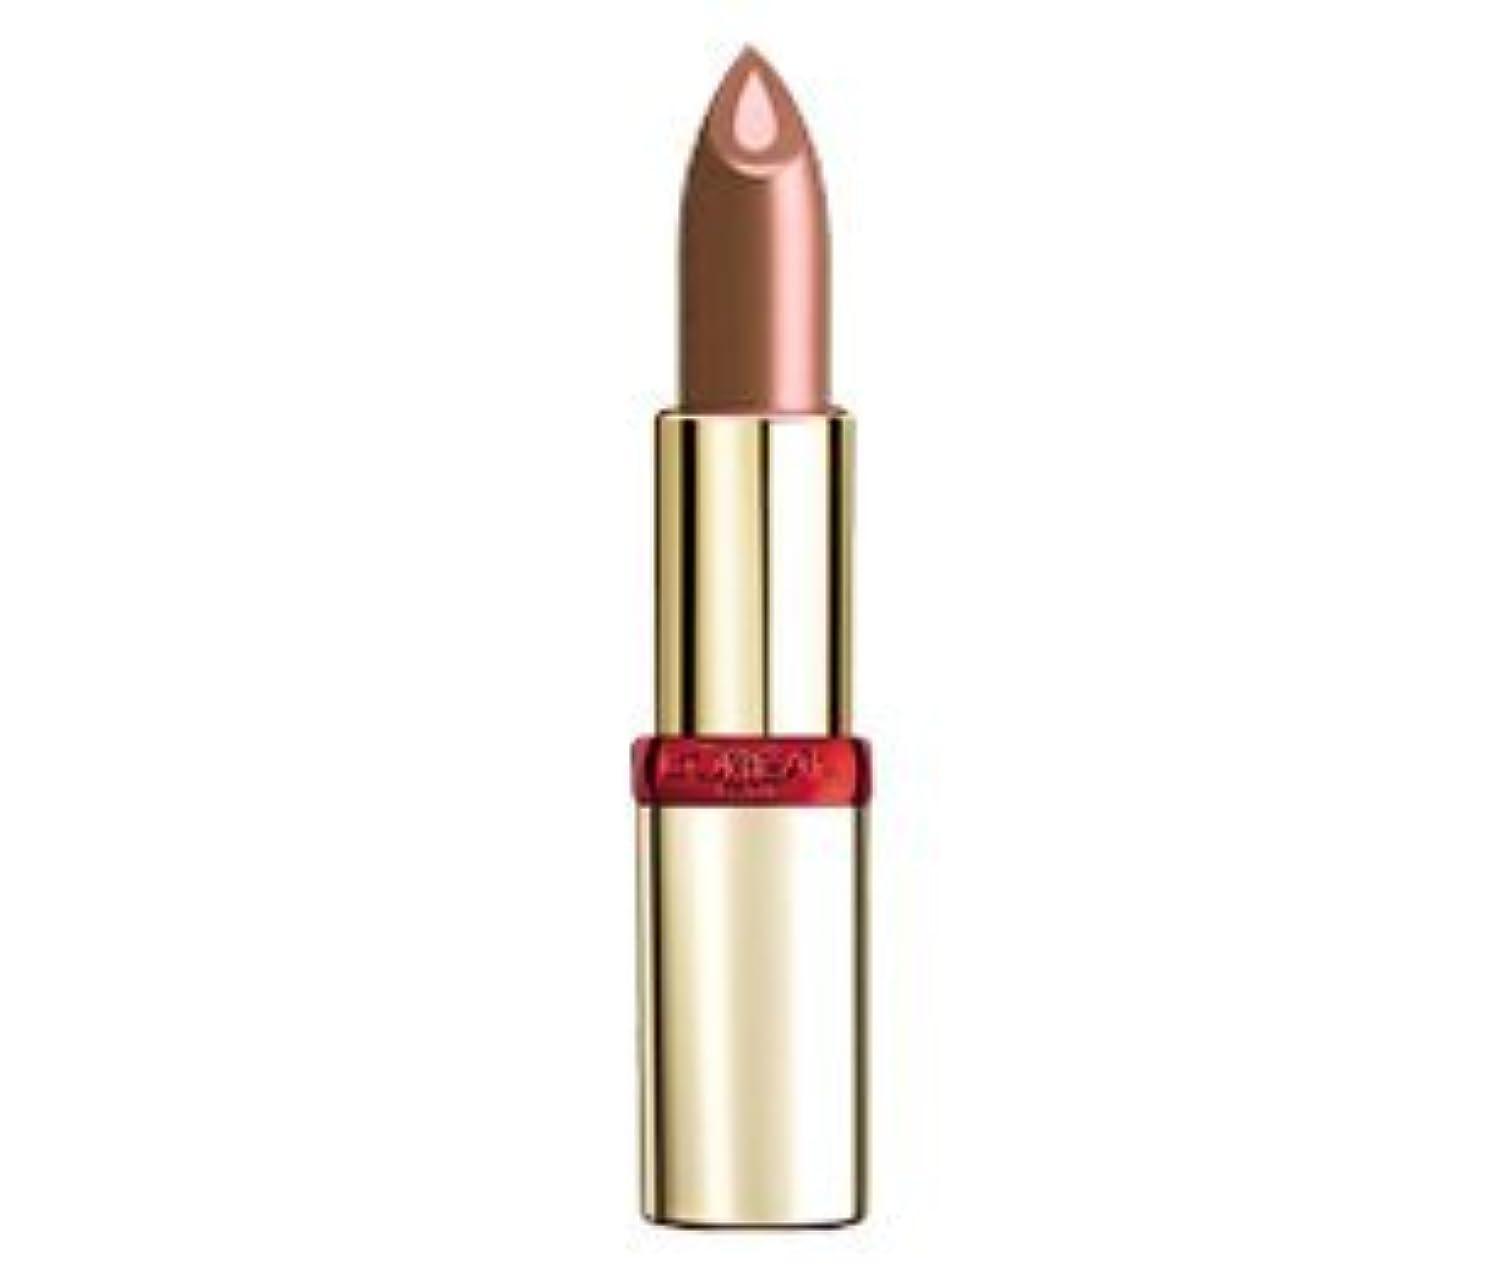 記念碑的な記念超えるLoreal Color Rich Serum Nr. S305 Enlighting Beige Farbe: Nude Lippenstift Lipstick mit Anti-Age-Pflegekern. Lippenstift...